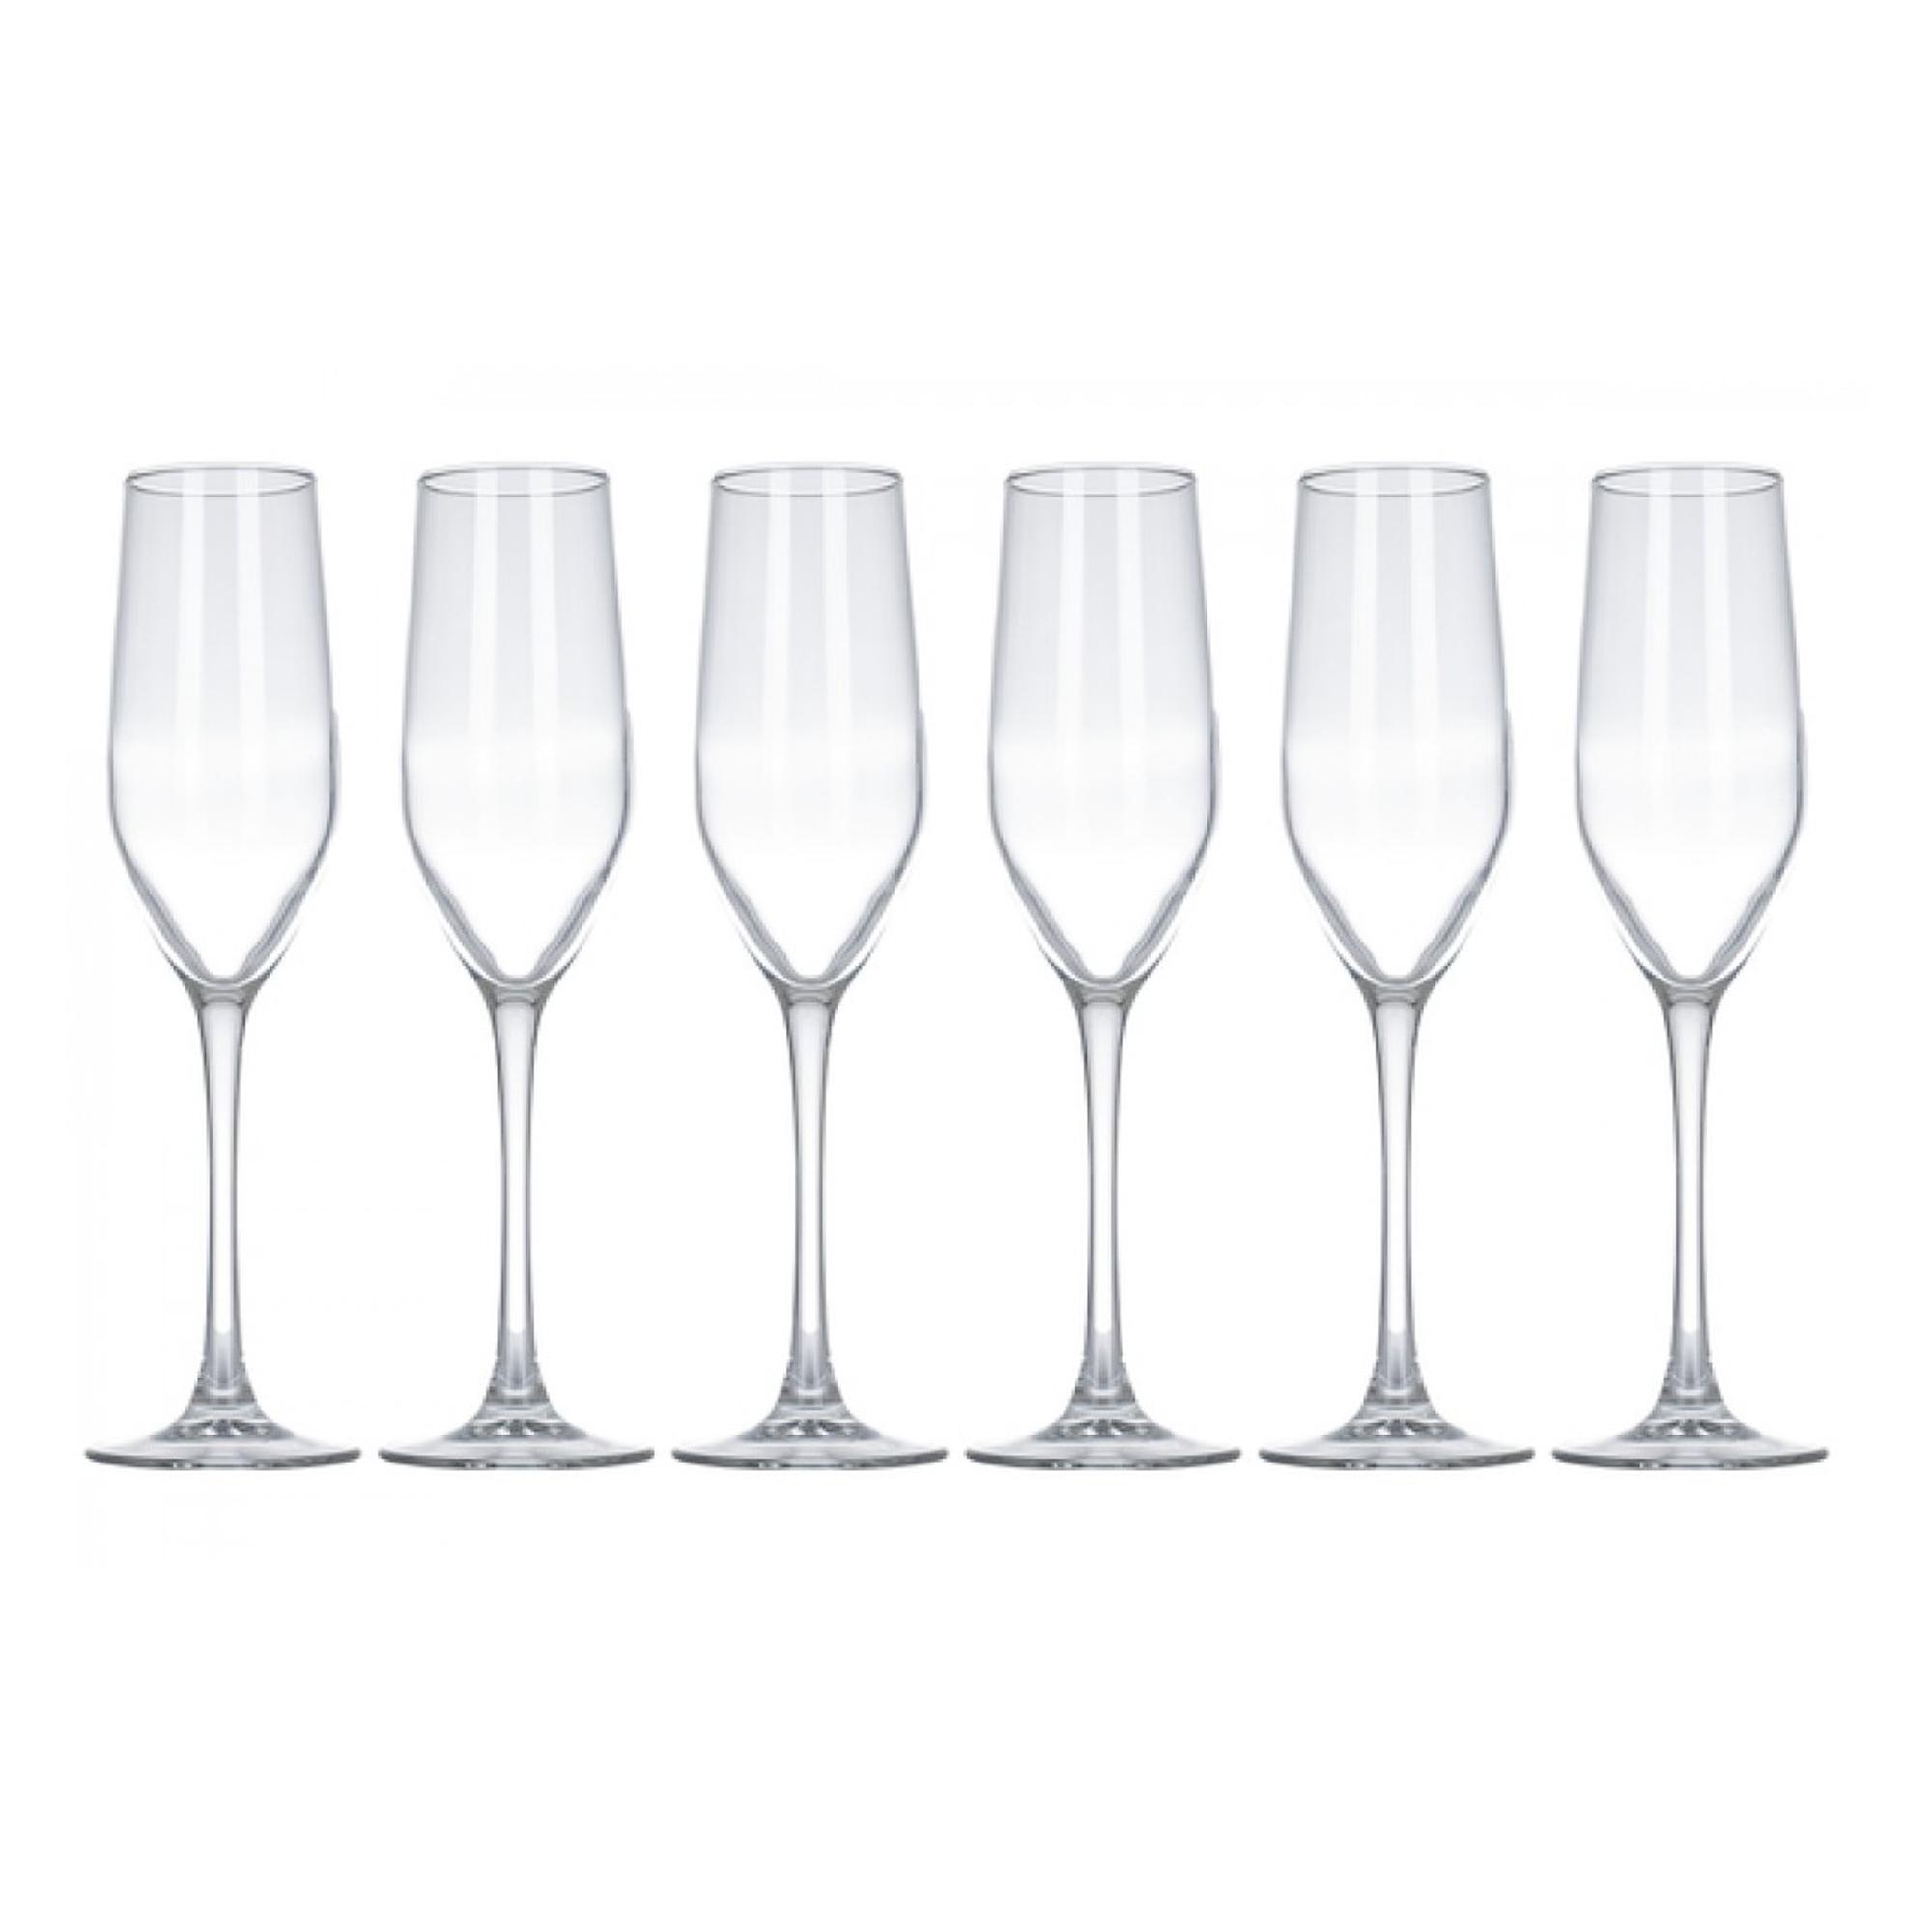 Фото - Набор бокалов для шампанского Luminarc селест 160мл 6шт набор бокалов для вина luminarc версаль 6шт 275мл g1509